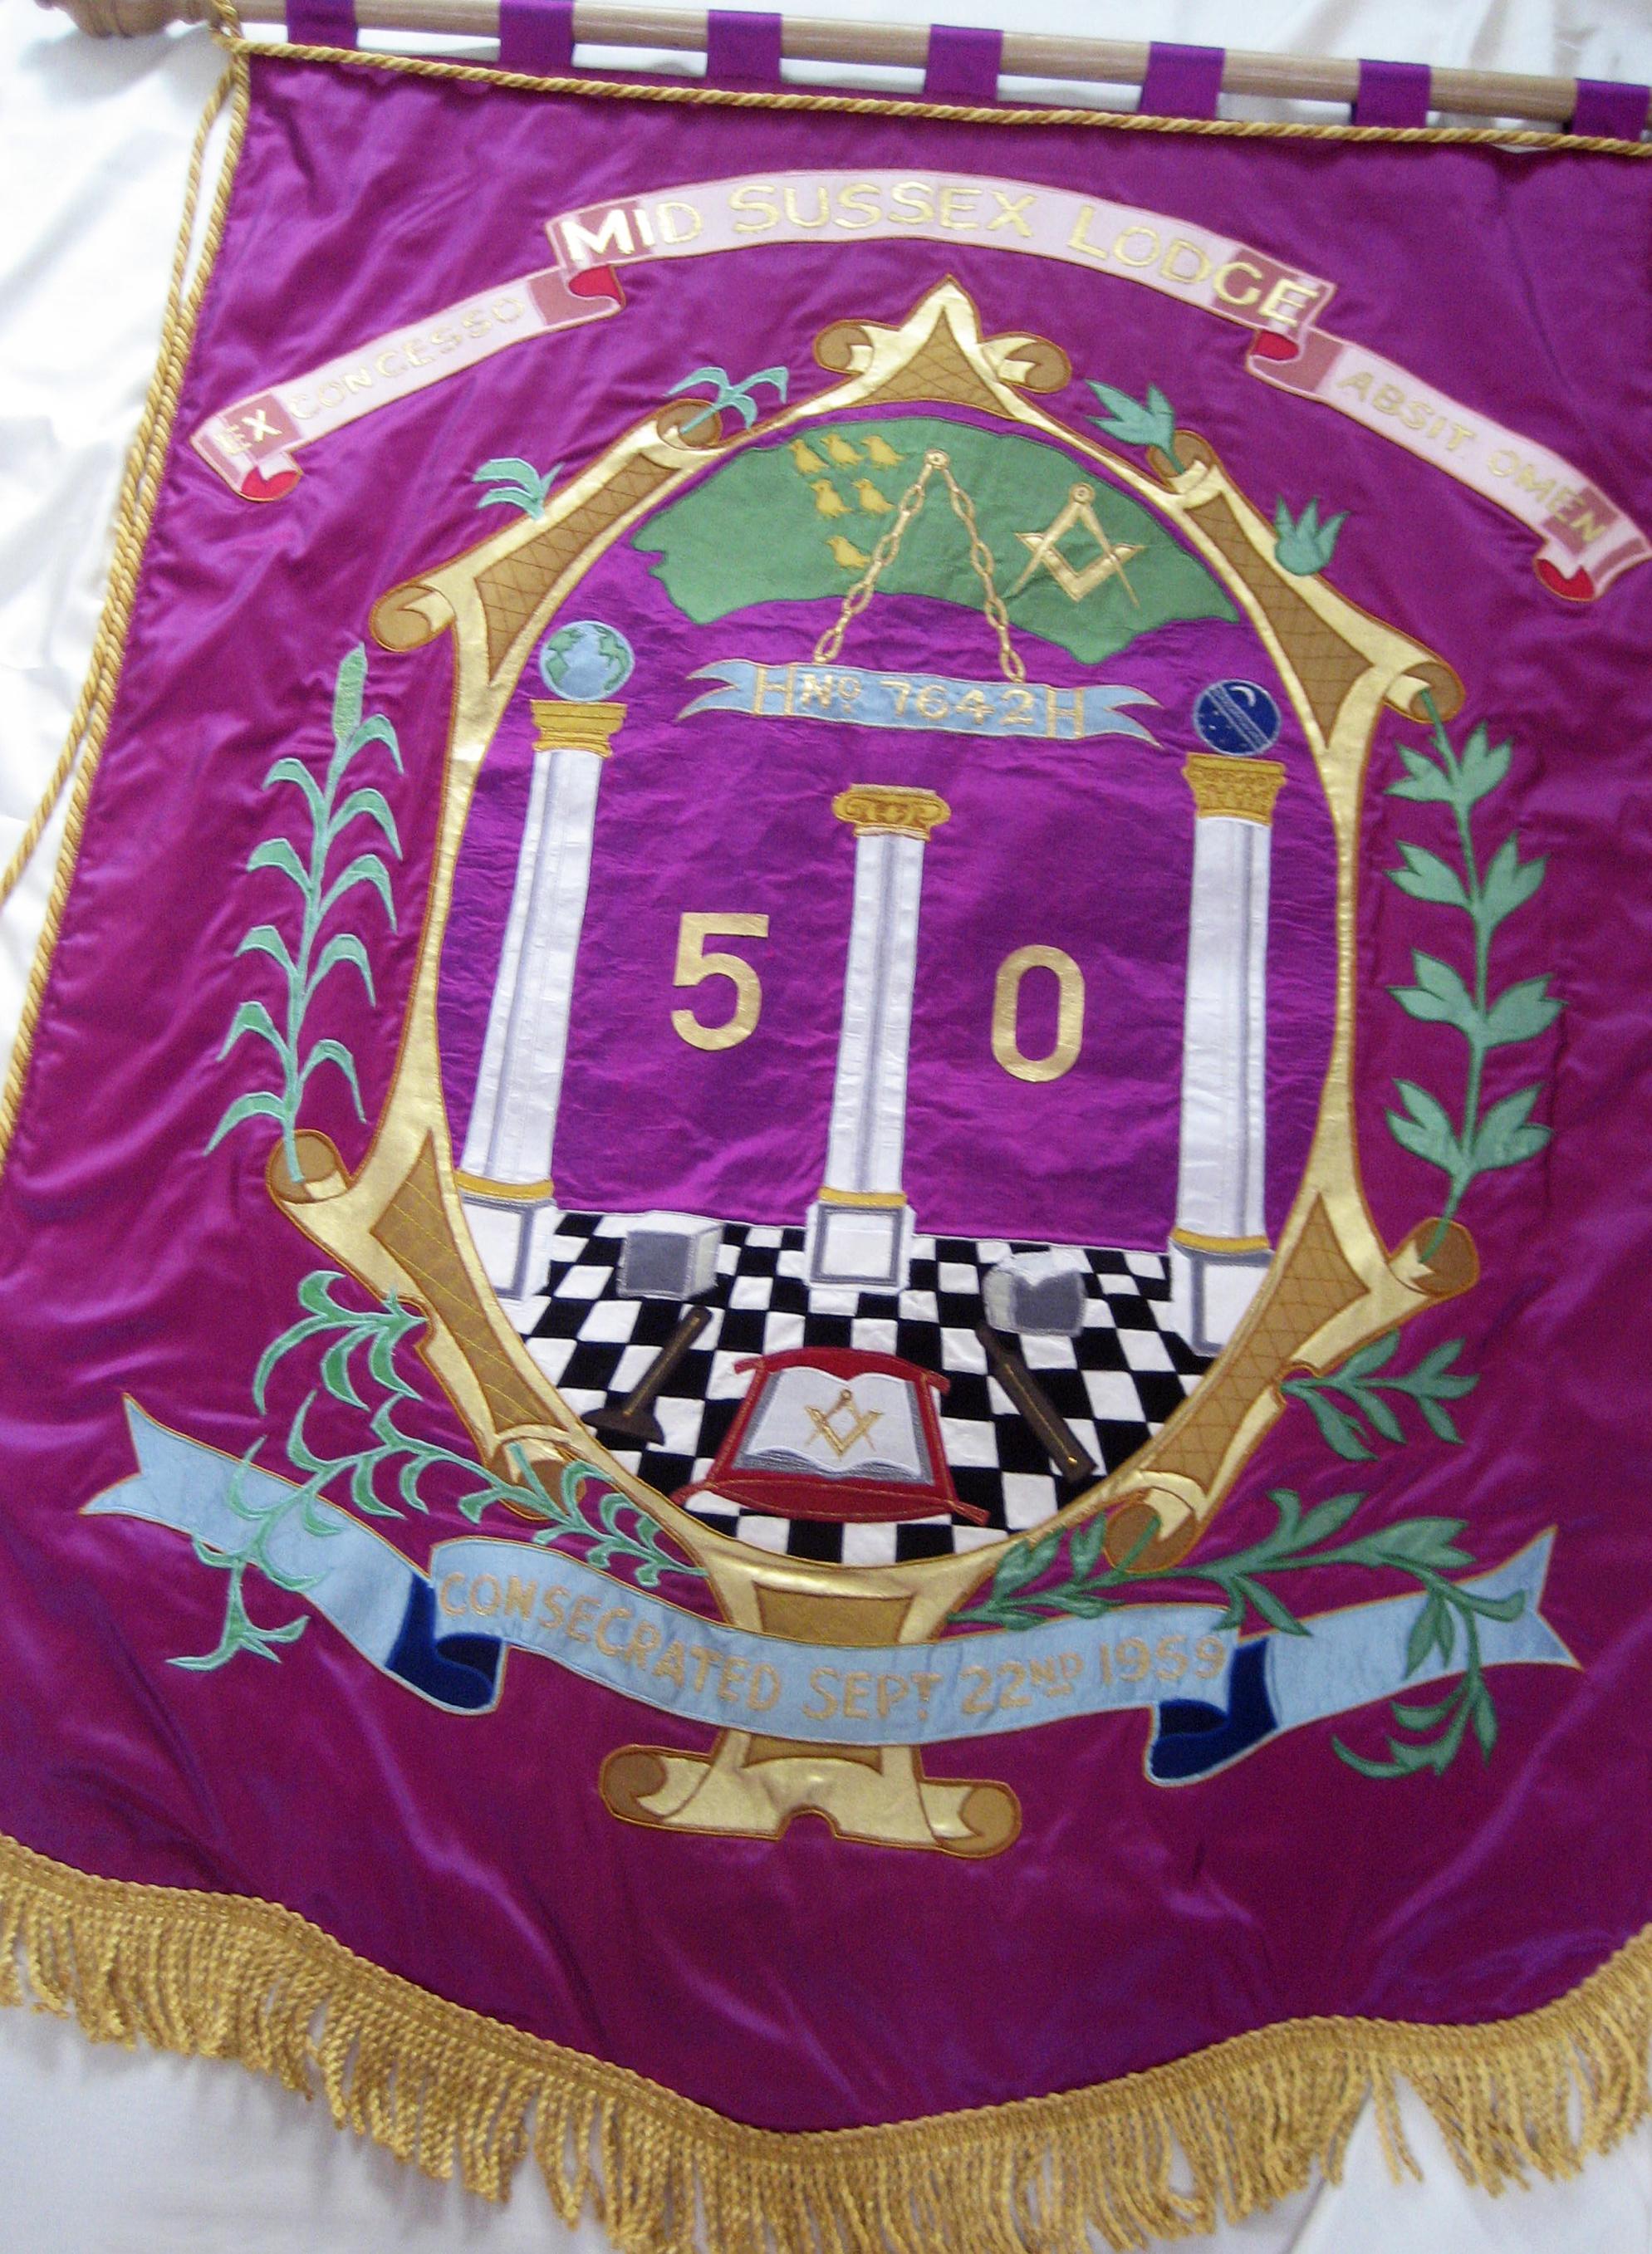 Banner-Mid-Sussex-008.jpg